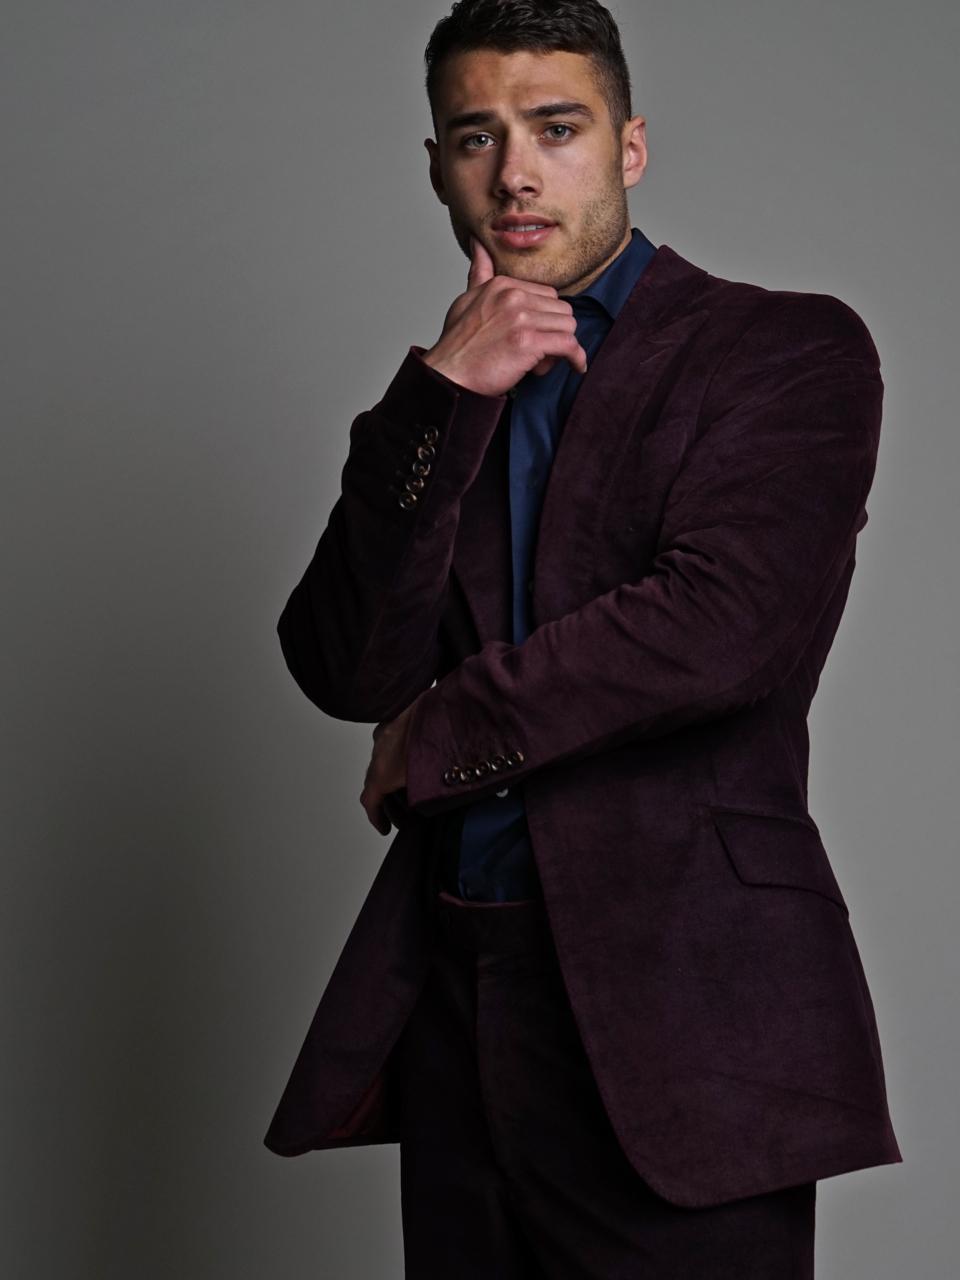 A Fashionably Quinton Wynn Shot By Kj Heath  Fashionably Male-5983